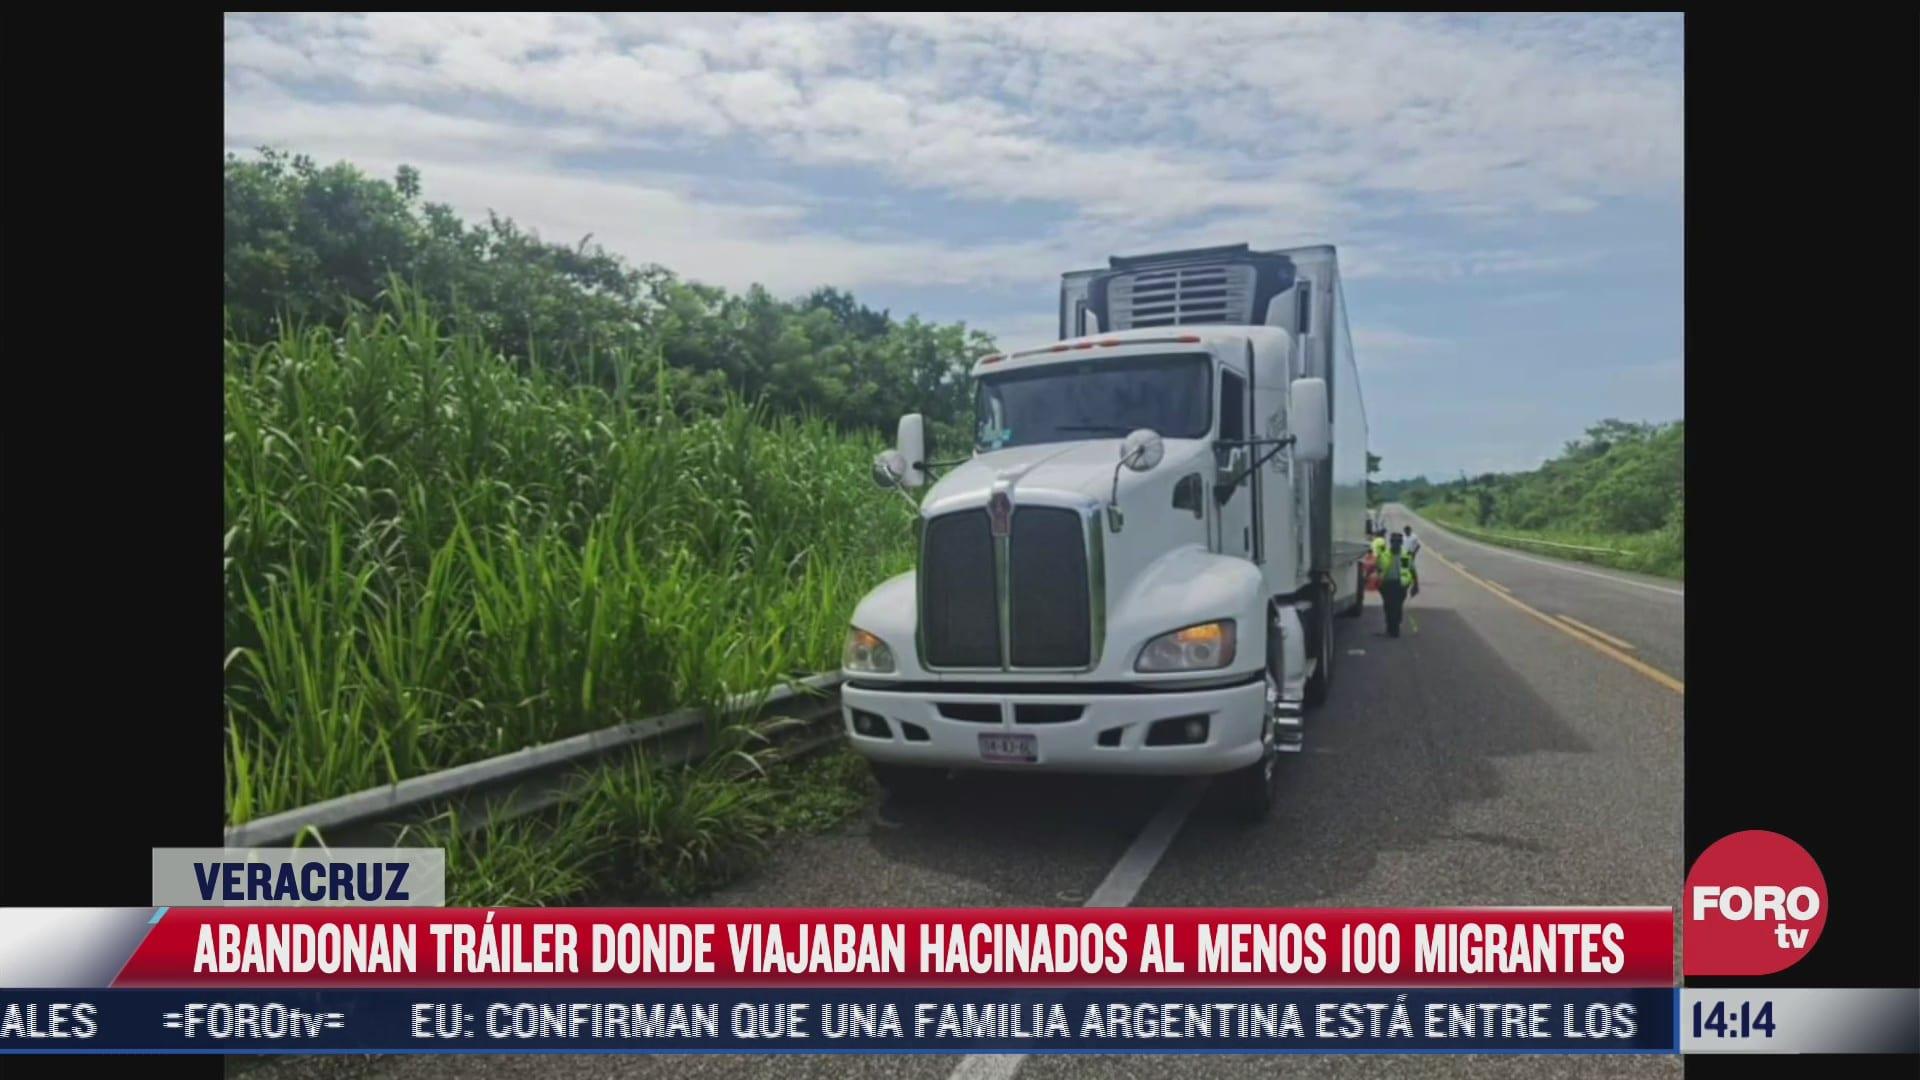 abandonan trailer con 100 migrantes en veracruz uno murio